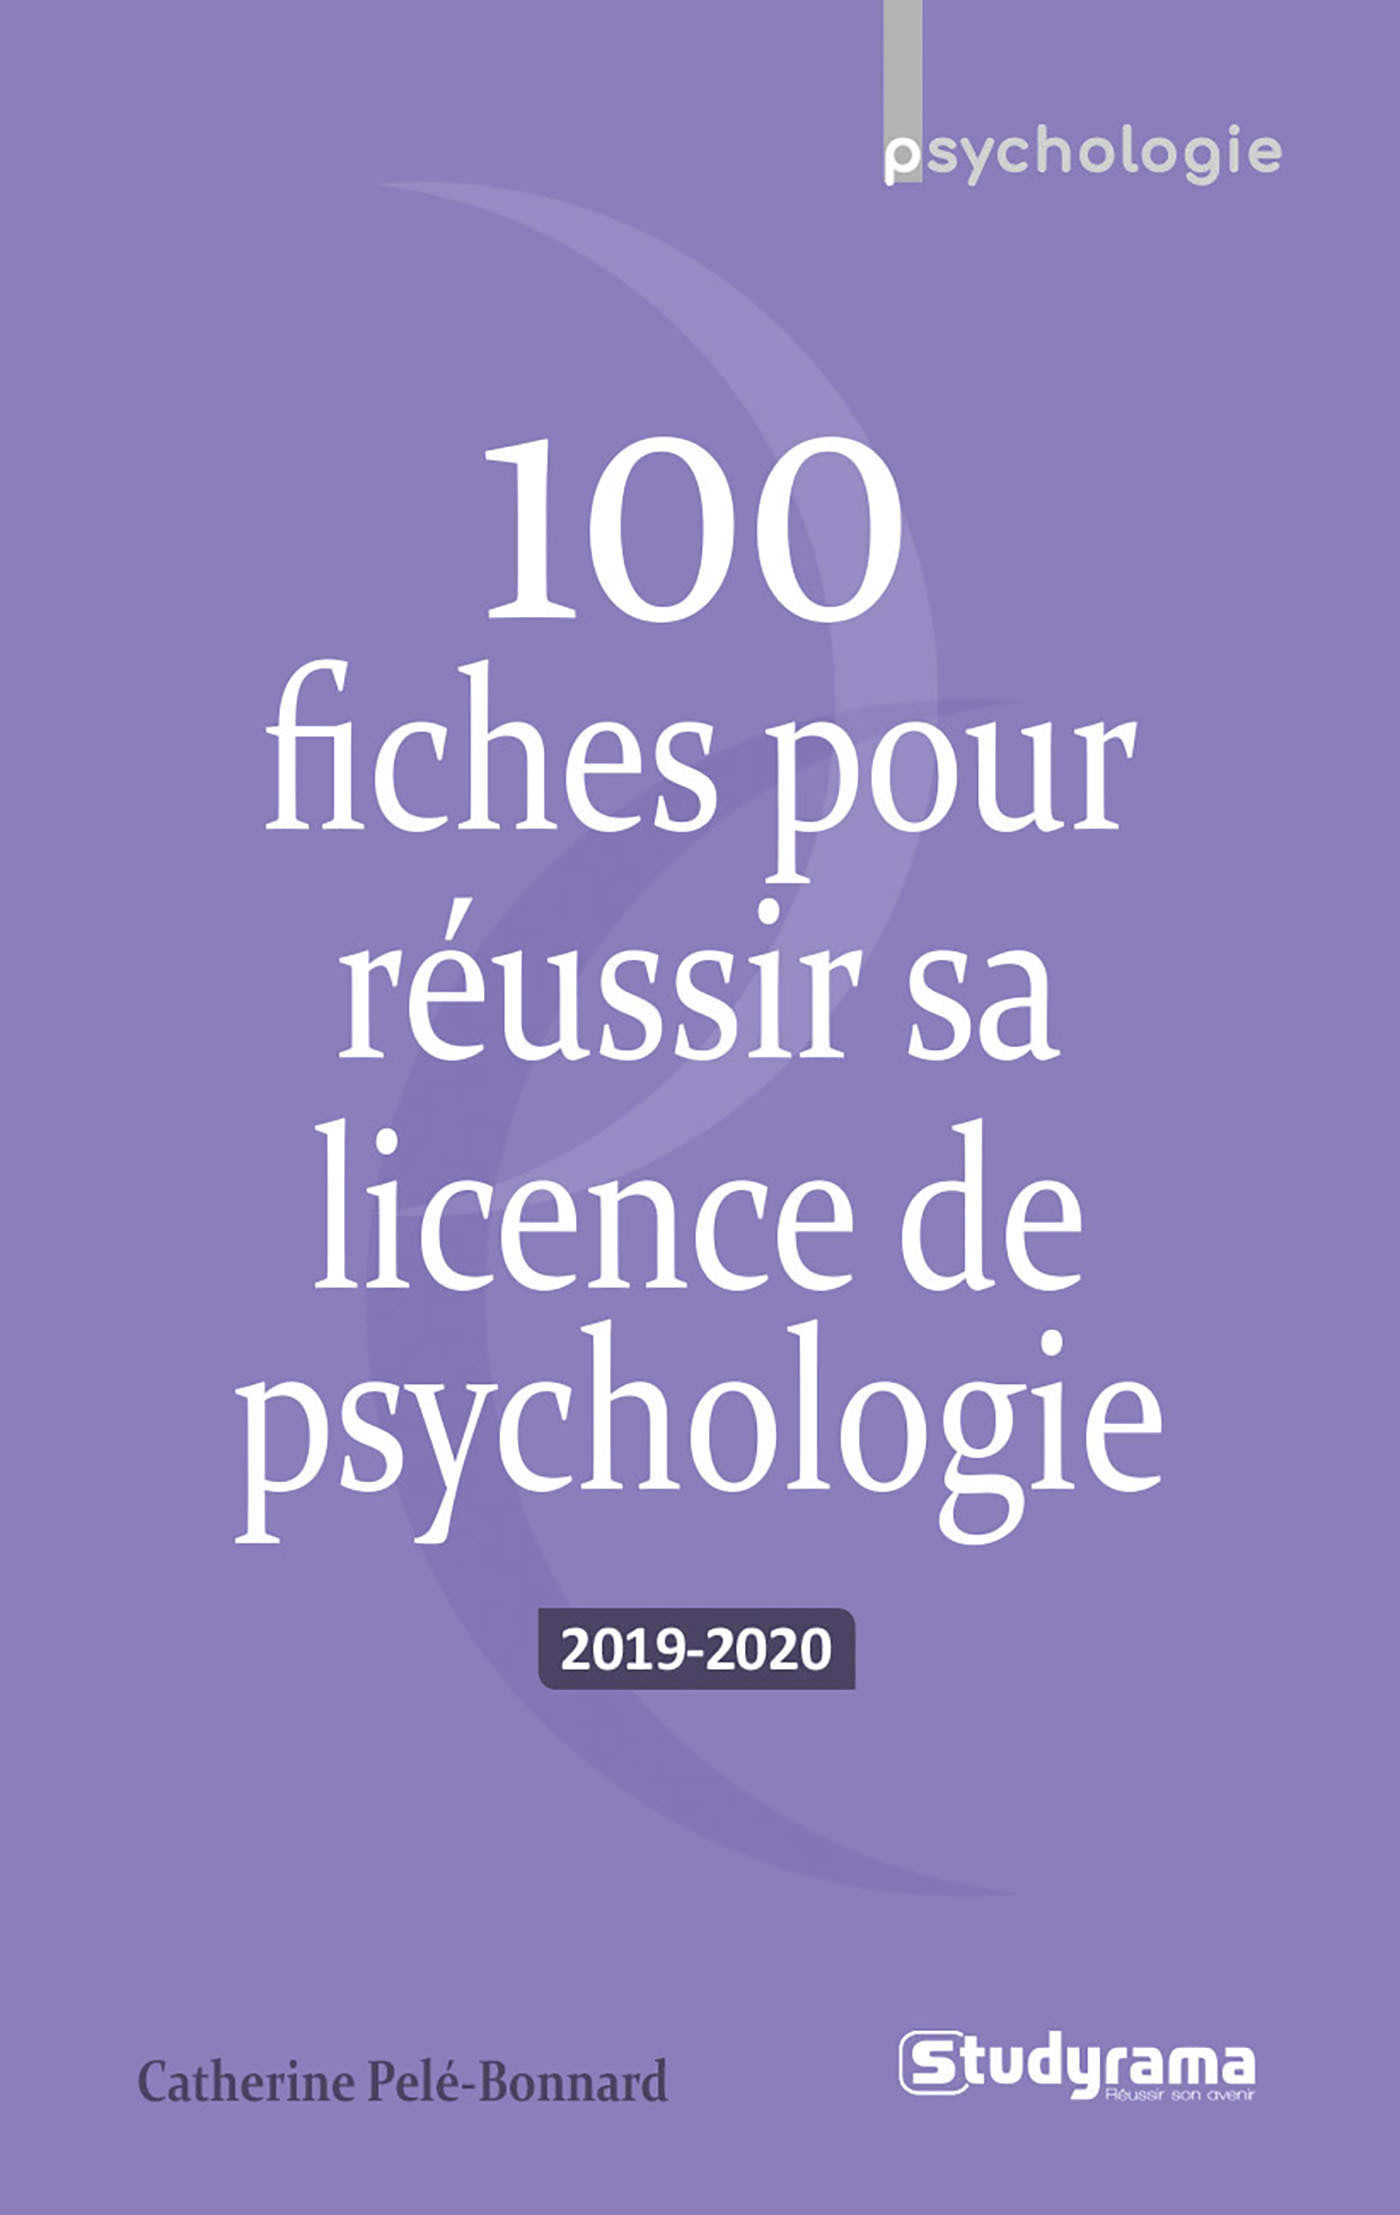 100 FICHES POUR REUSSIR SA LICENCE DE PSYCHOLOGIE